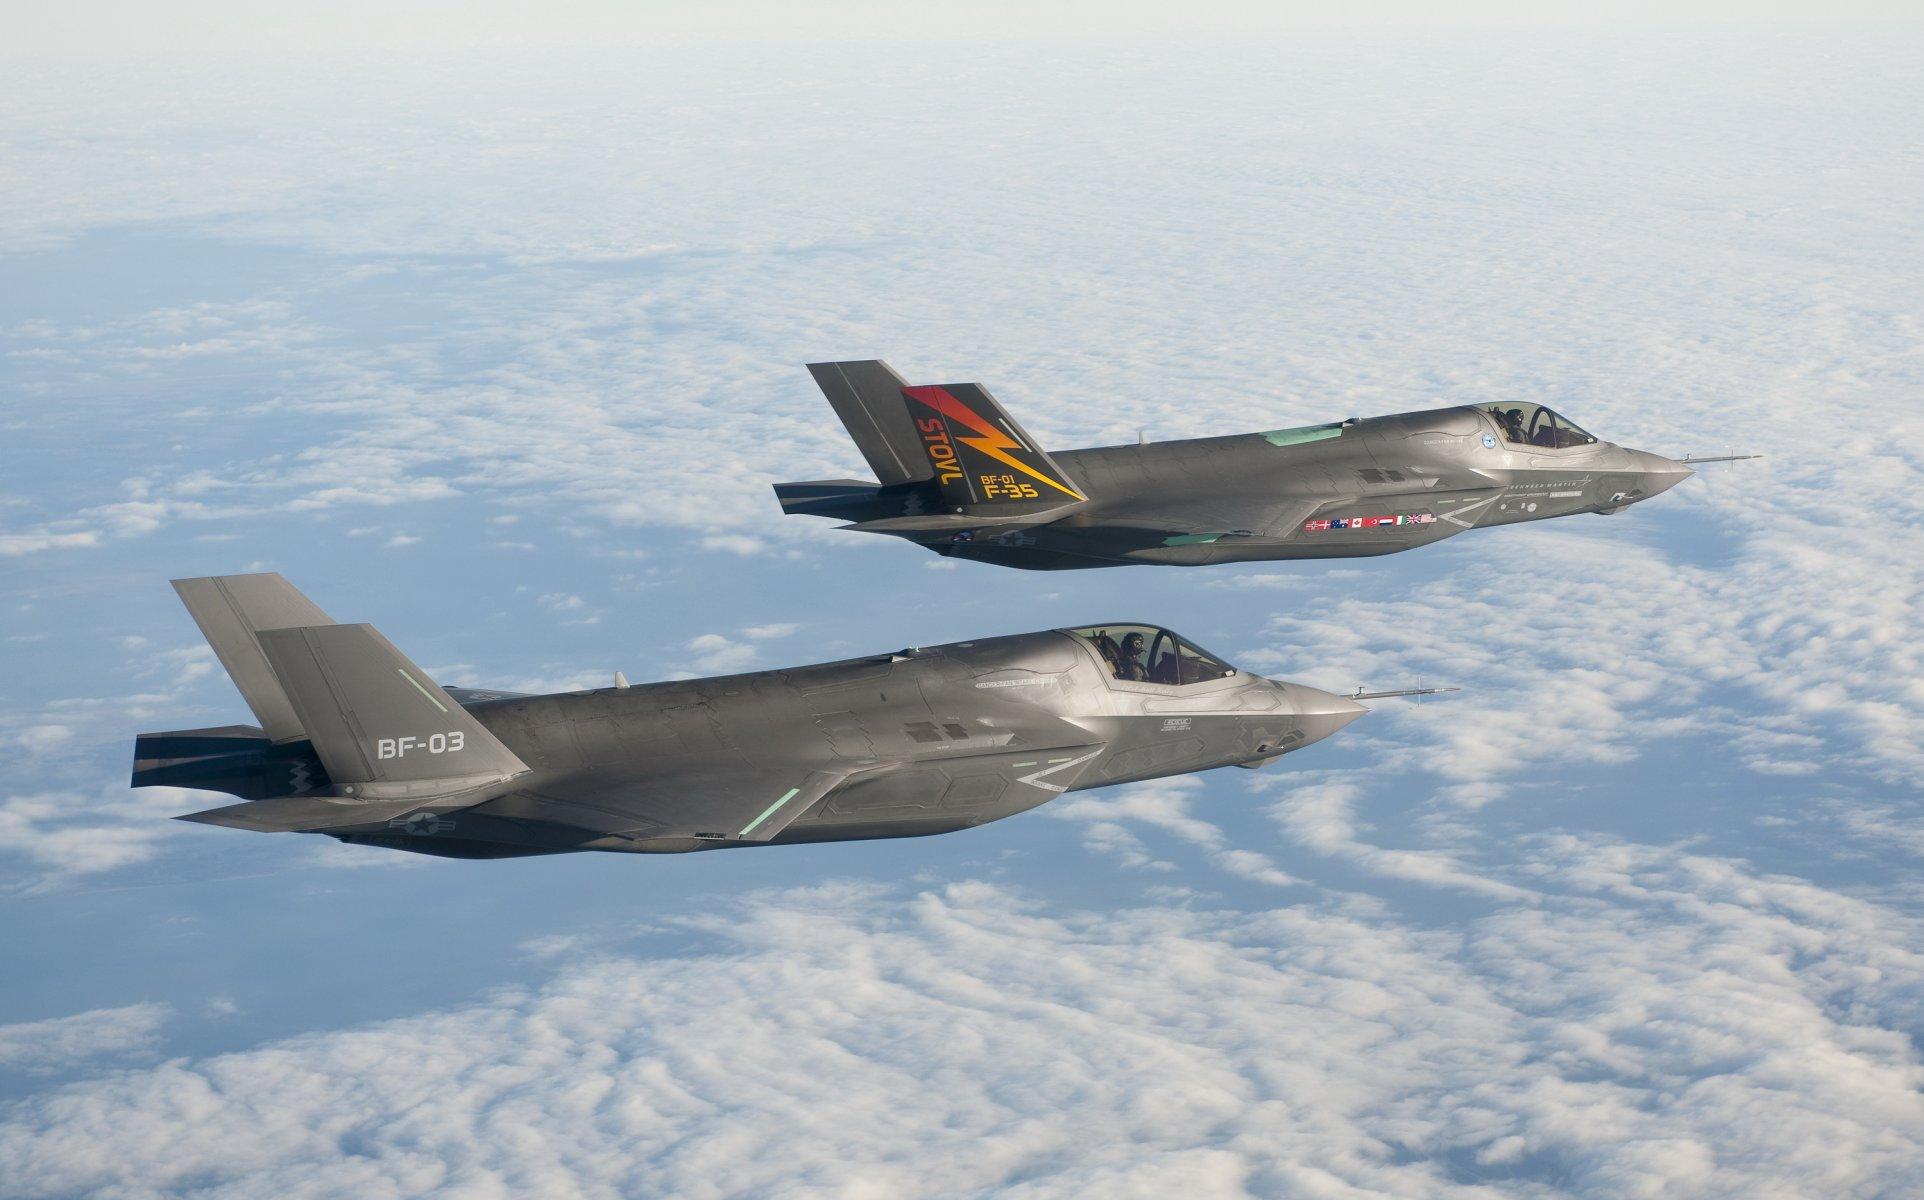 Обои F-35, Самолет 5 поколения, истребитель пятого поколения. Авиация foto 9